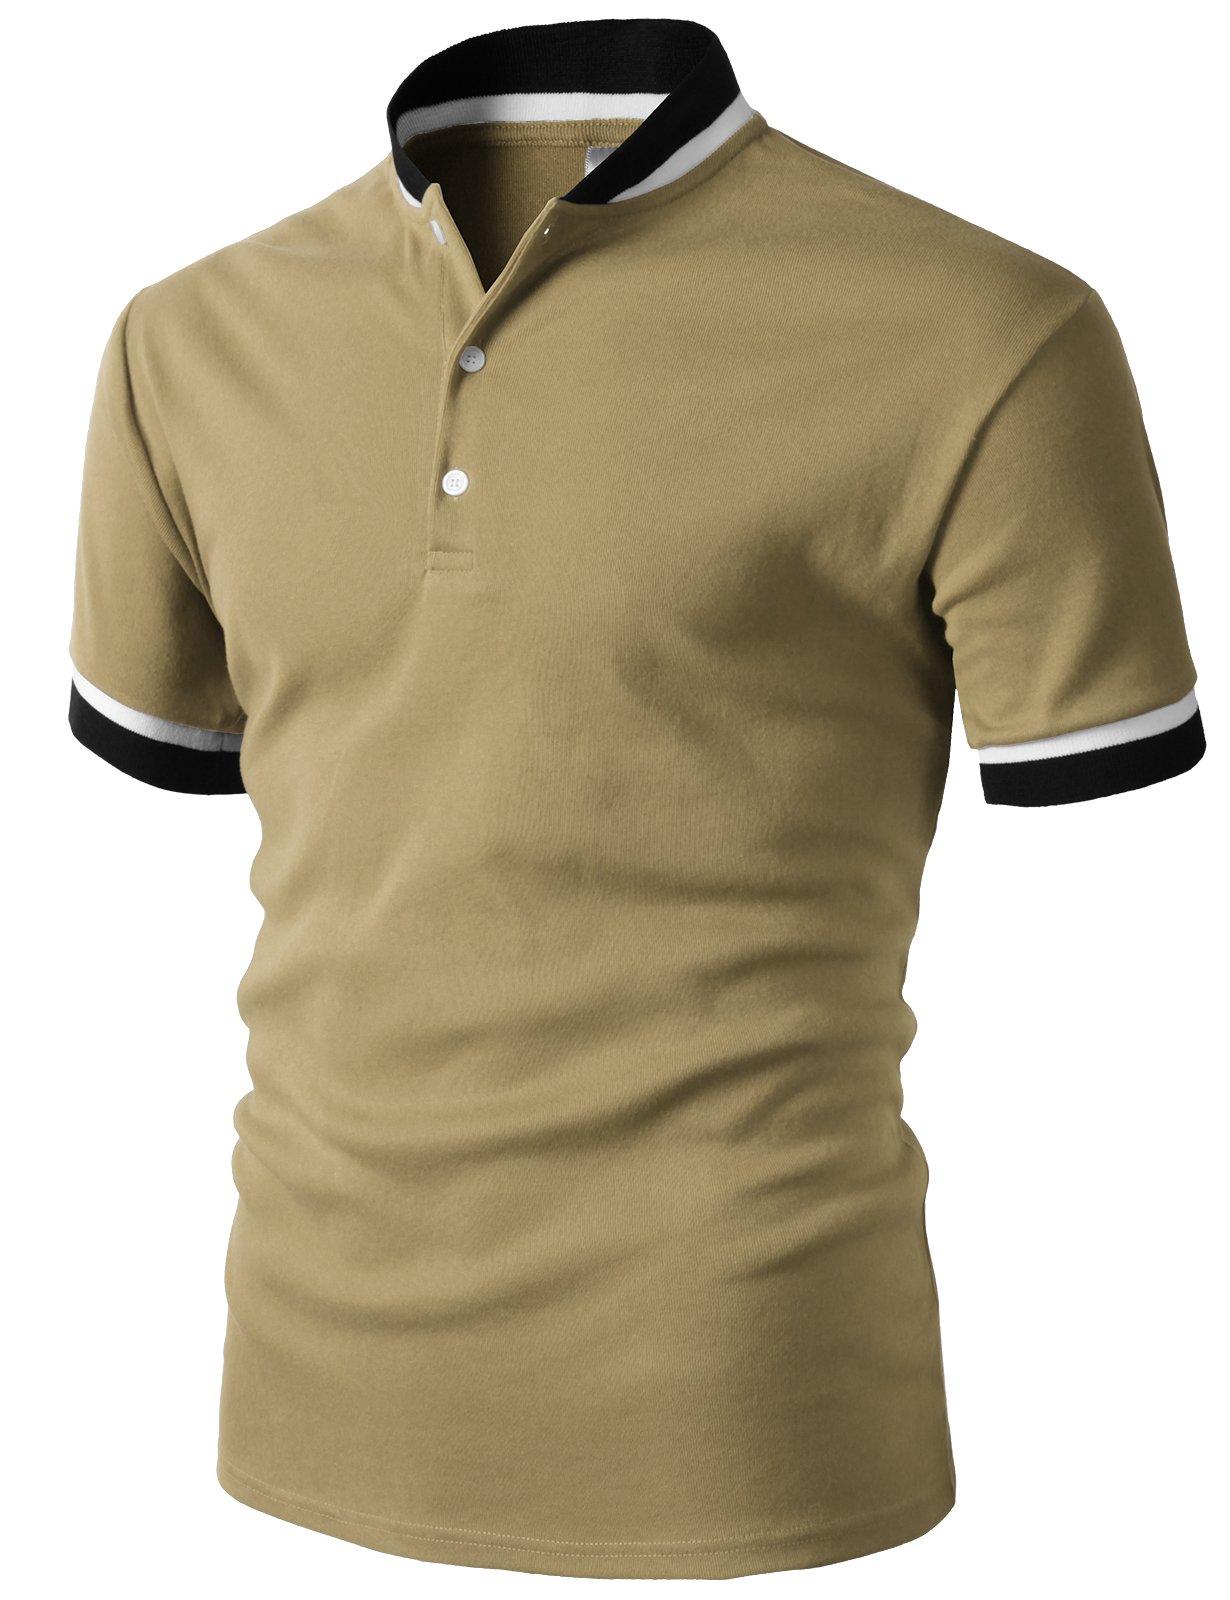 H2H Men's Casual Short Sleeve Henley Shirt Raglan Fit Baseball T-Shirts Tee Beige US XL/Asia 2XL (KMTTS0572)